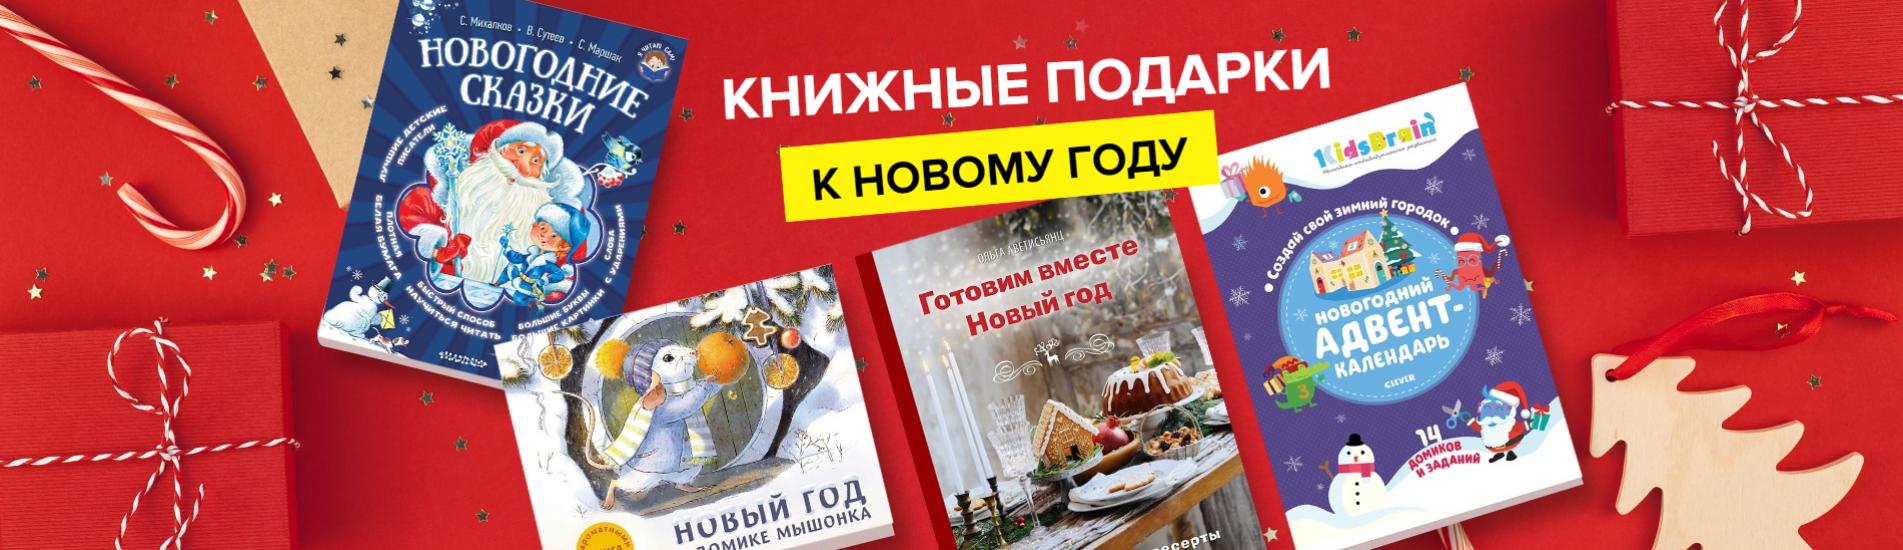 Книжные подарки к Новому году